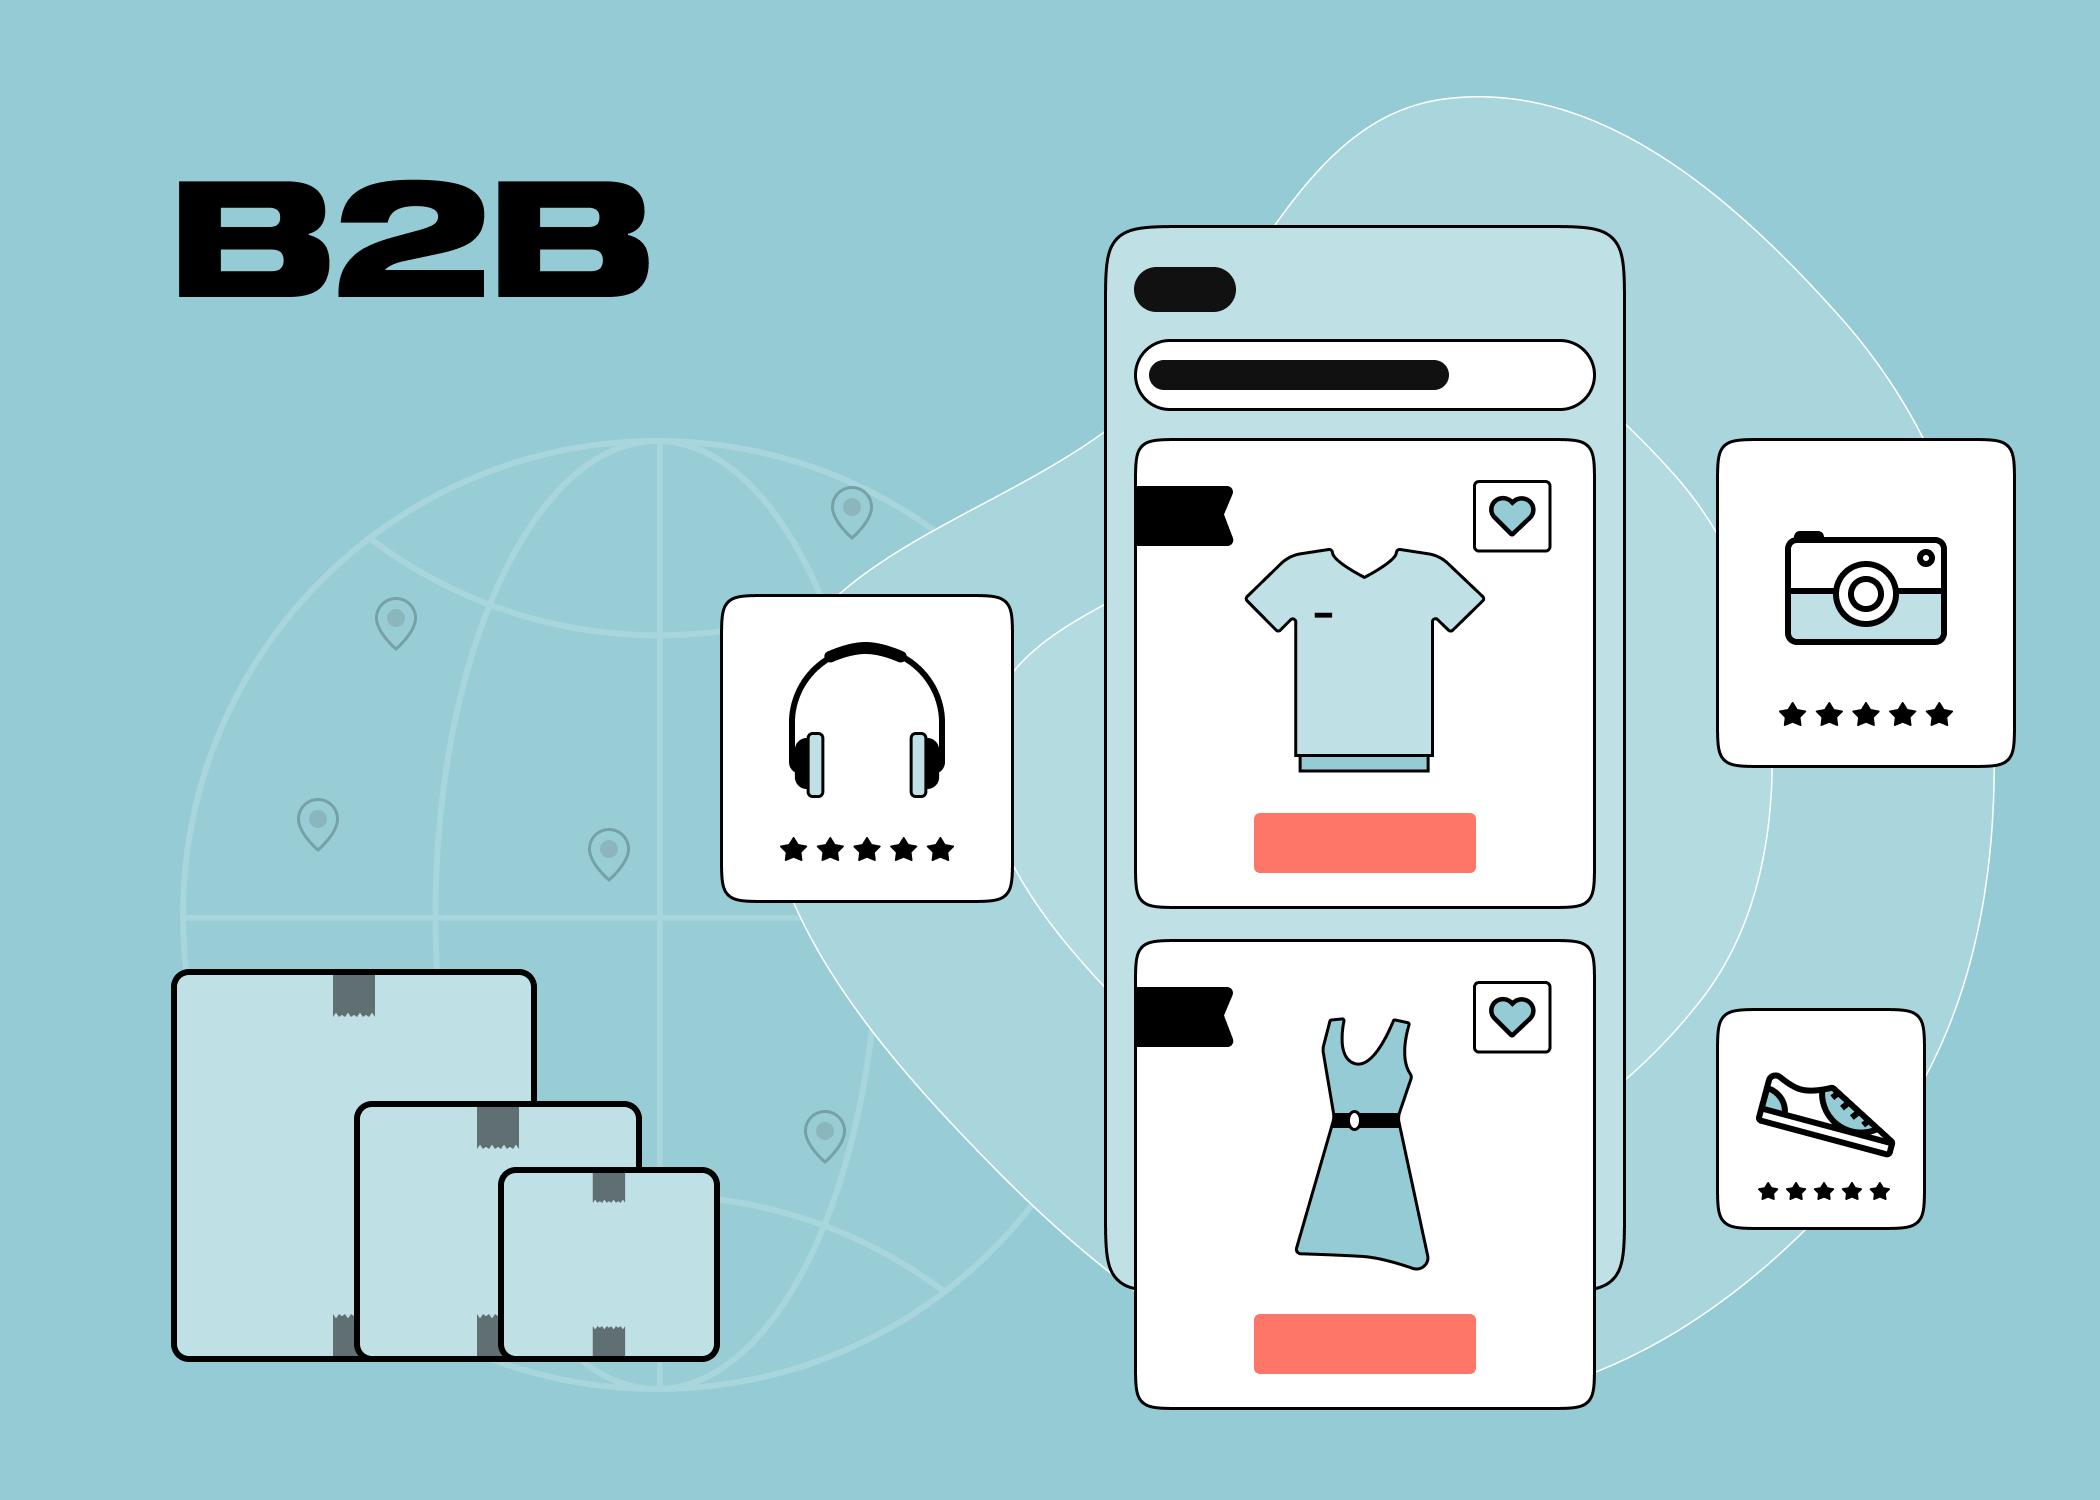 Маркетплейс: Как создать оптовую торговую площадку B2B